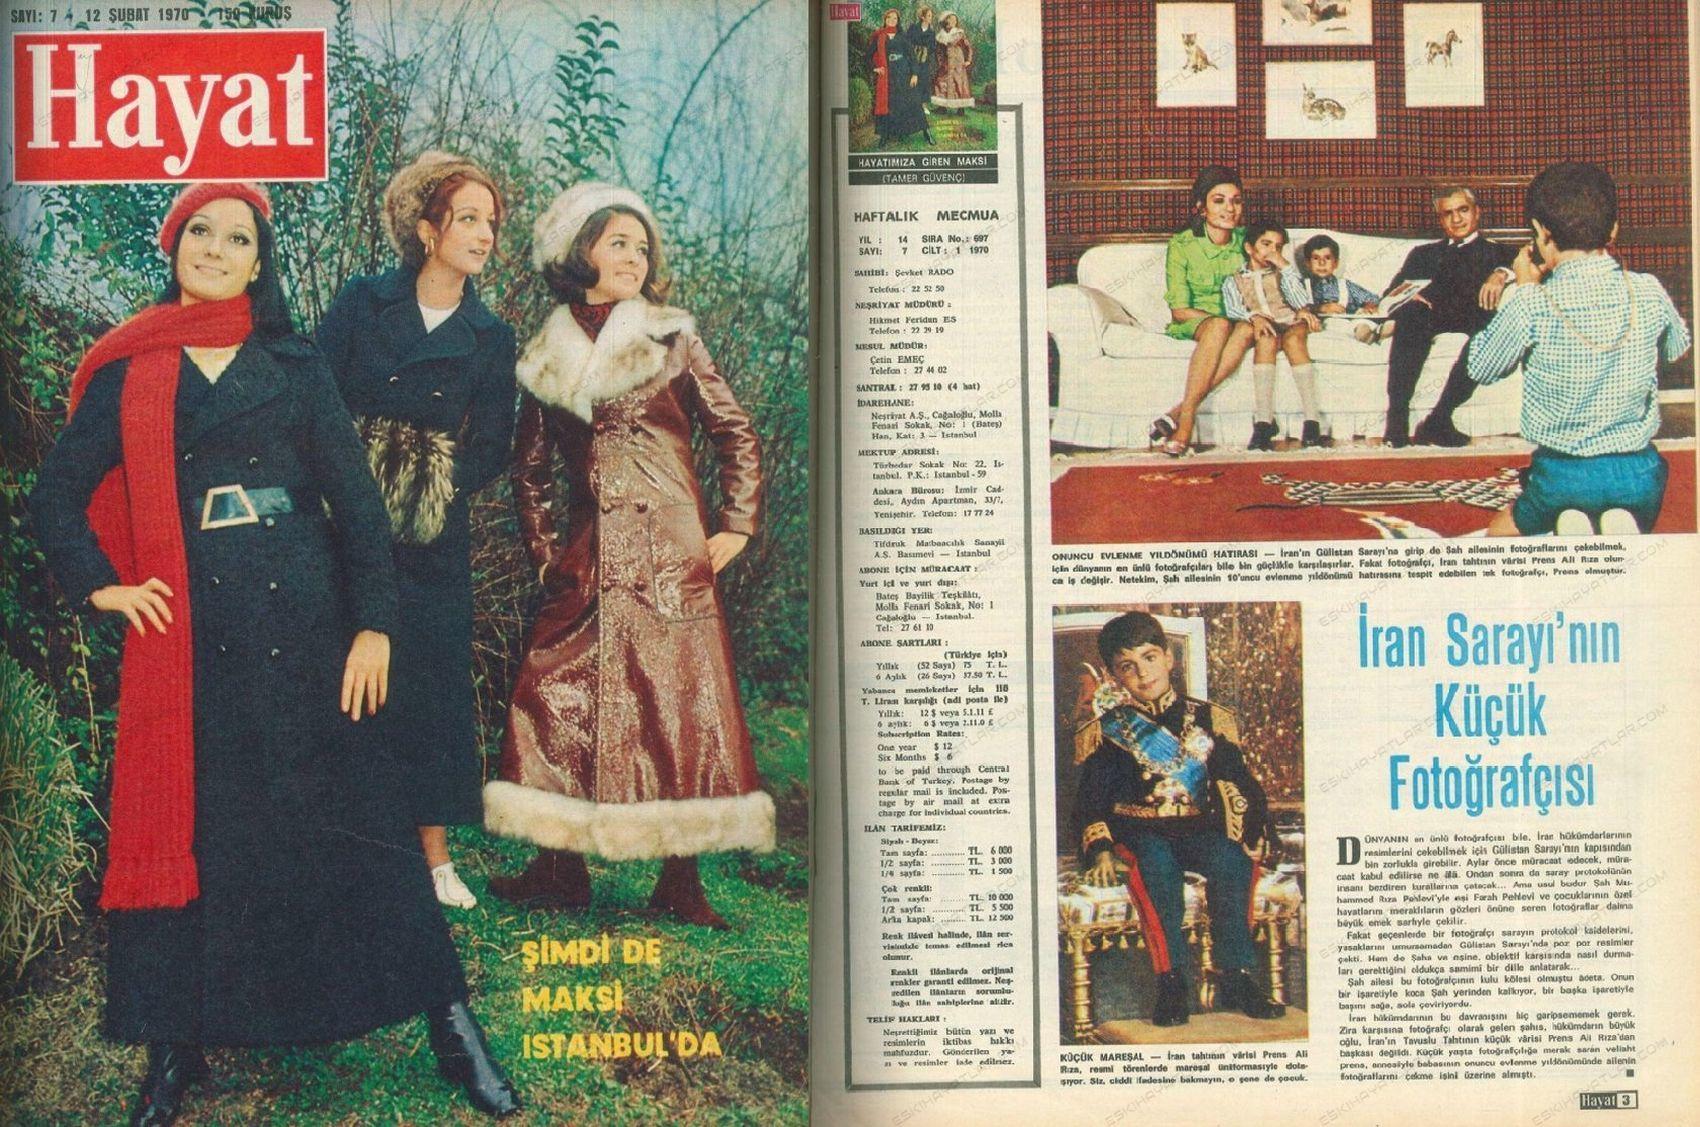 0156-maksi-modasi-ne-zaman-geldi-1970-hayat-dergisi (2)